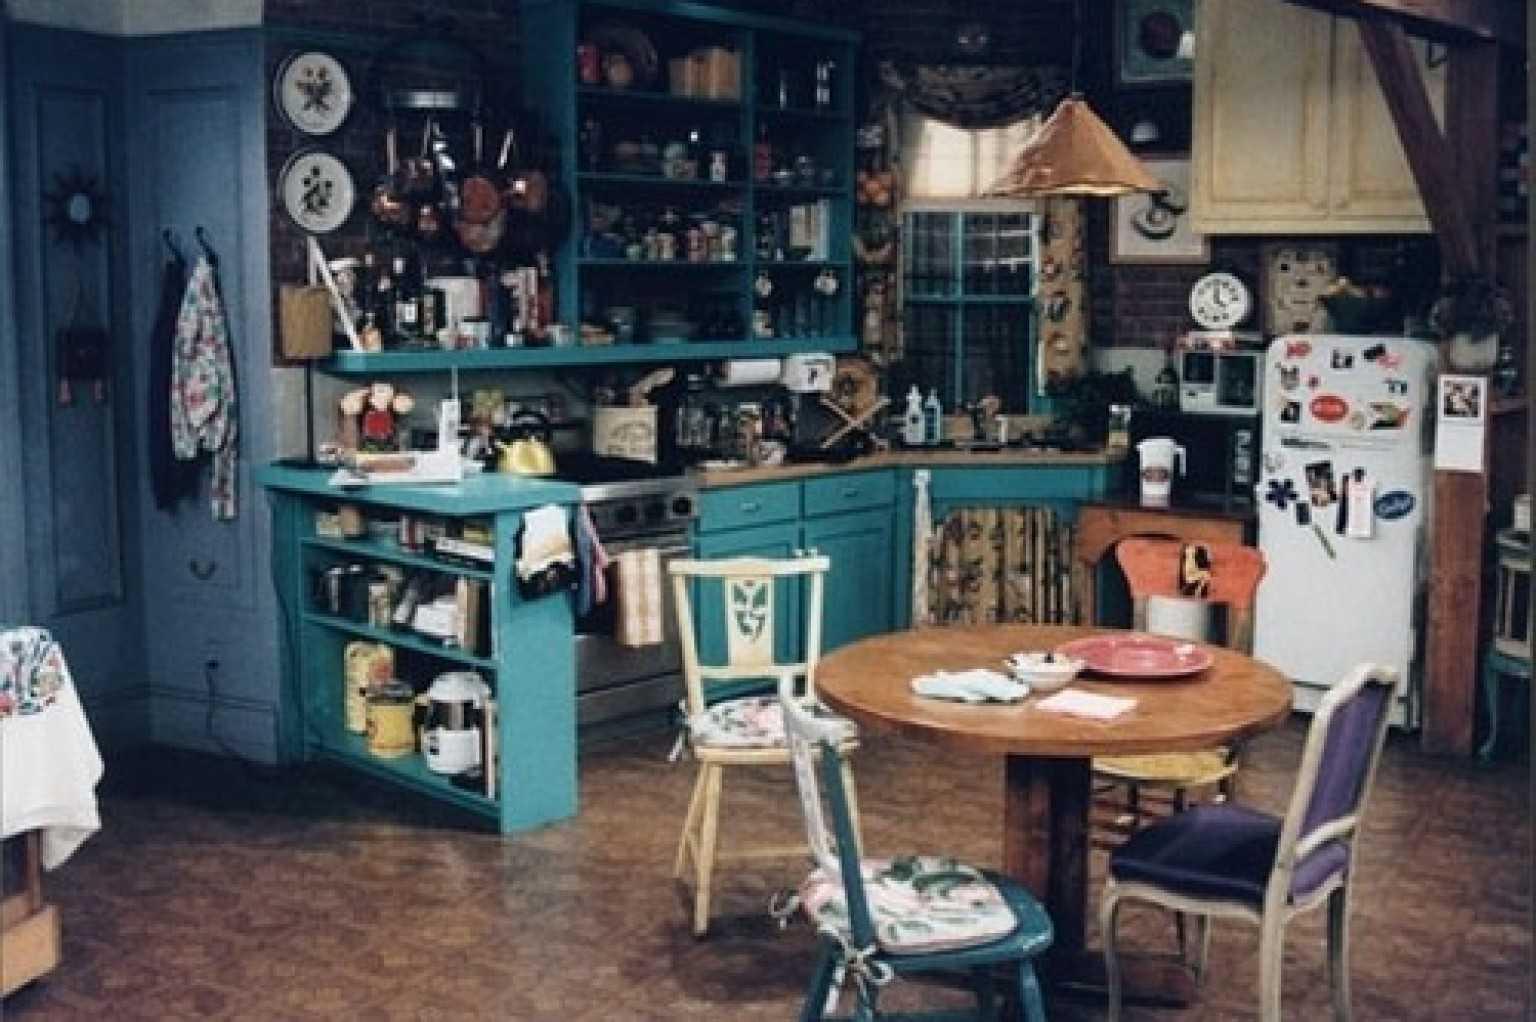 Visit Monica's Apartment At London's FriendsFest | FriendsFest